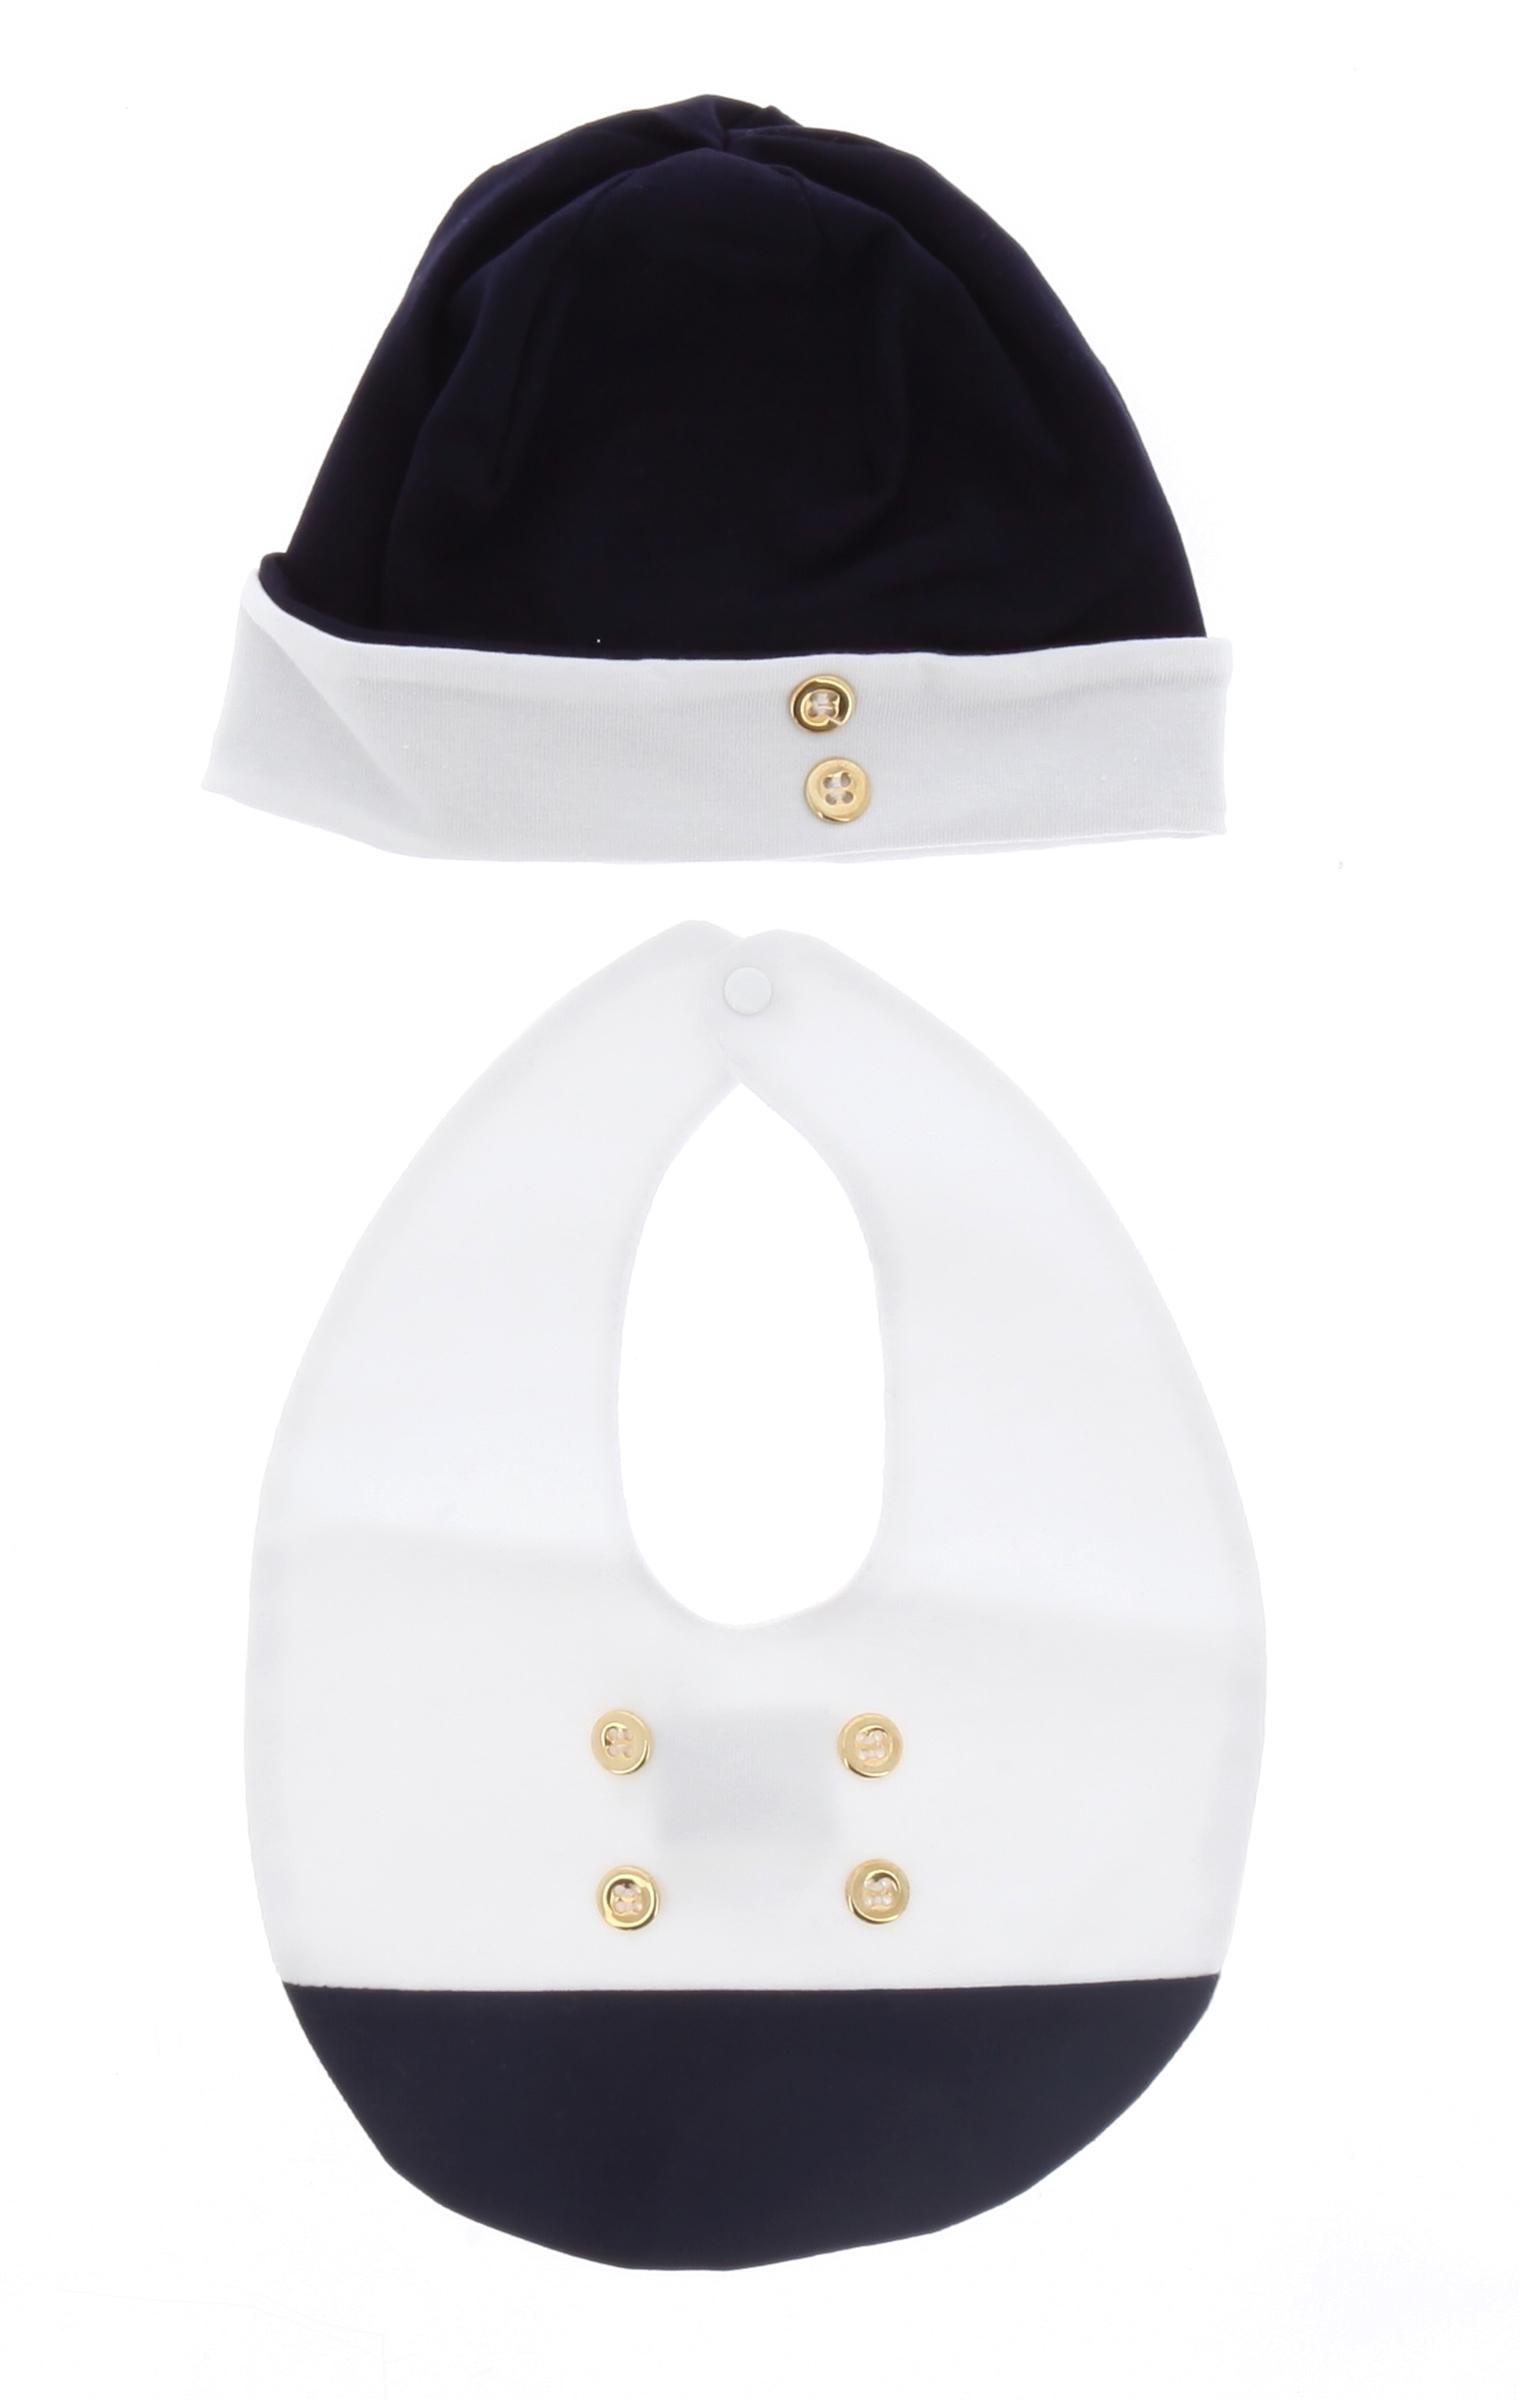 Kioki set KIOKI | Set cappello bavetta | SET35KSV